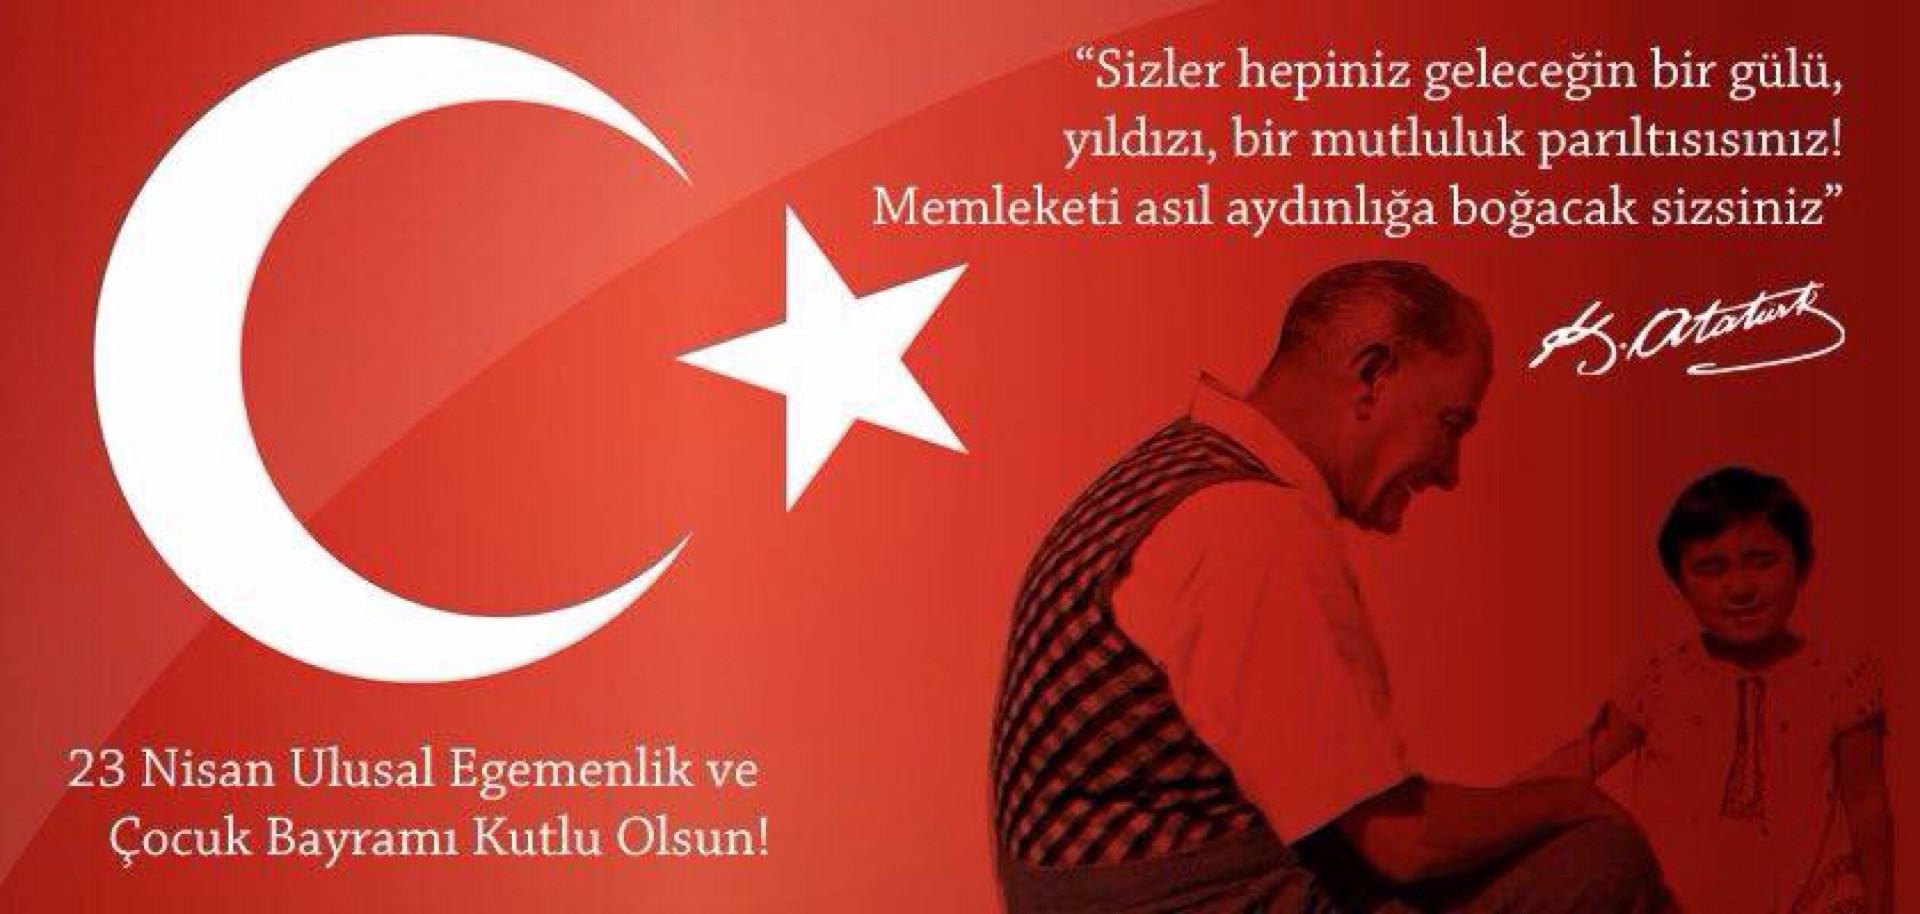 23 Nisan Mustafa Kemal Atatürk çocuklar geleceğin aydınlığ olacağıı ile ilgili sözü 2.jpg